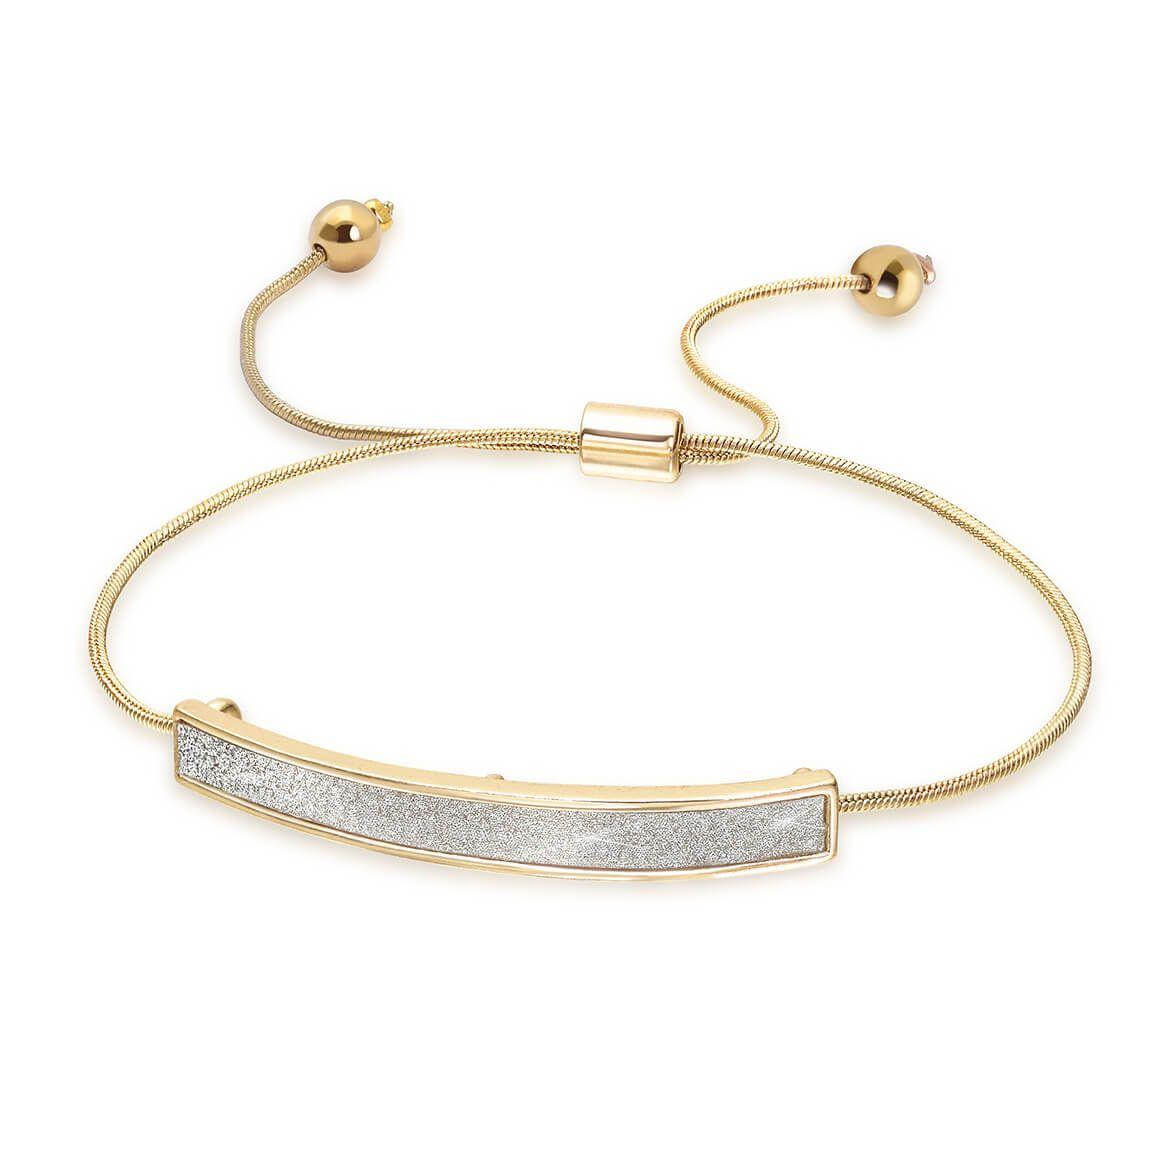 Stardust Adjustable Goldtone Bracelet-371958